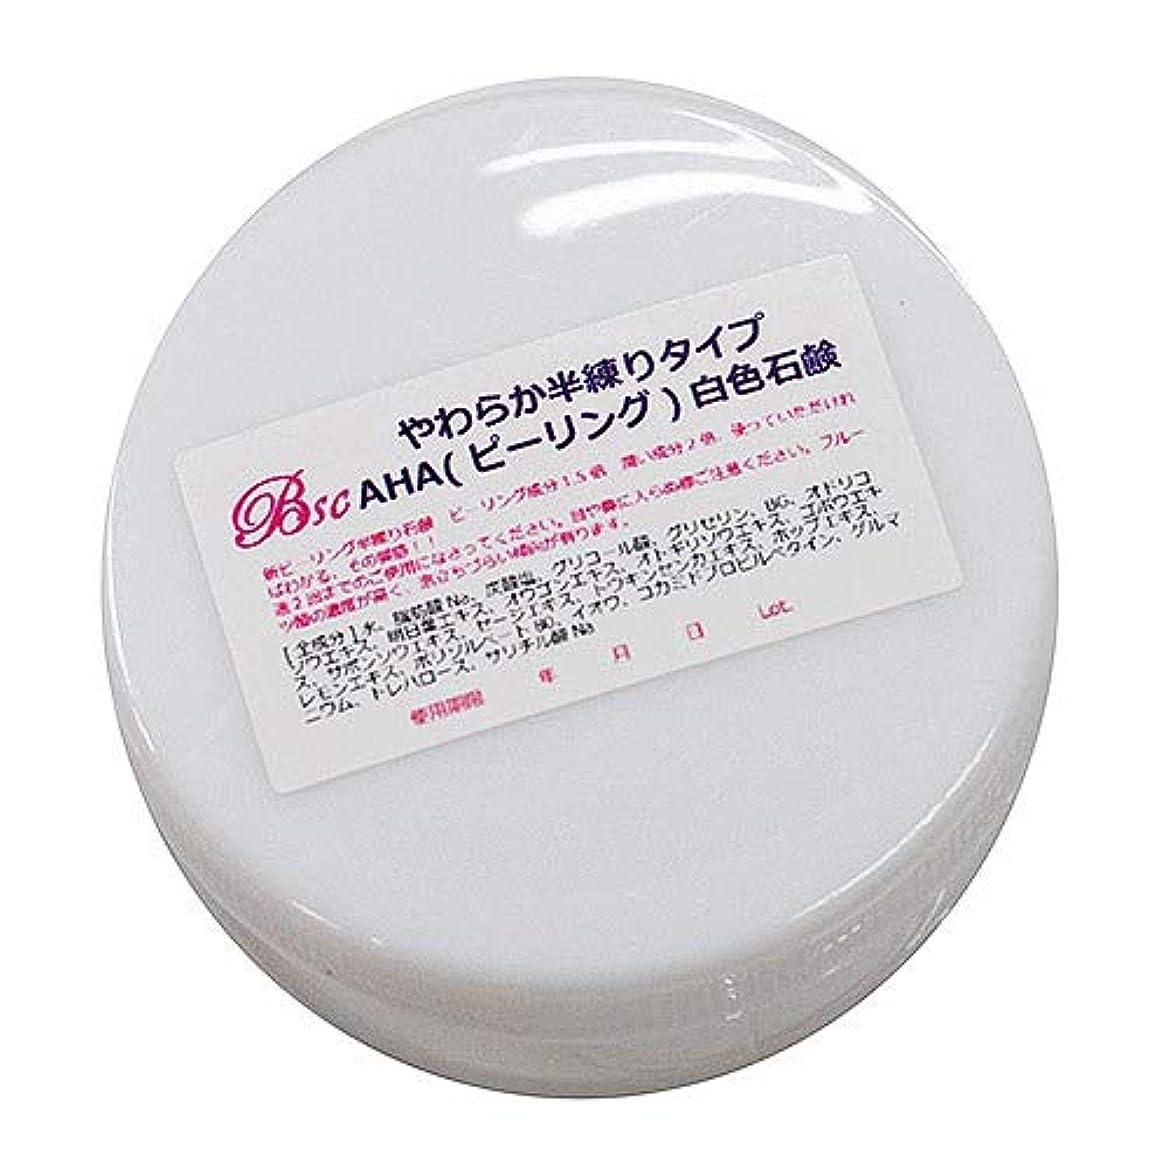 推進力発信カウントやわらかい半練りタイプAHA(ピーリング)石鹸?100g